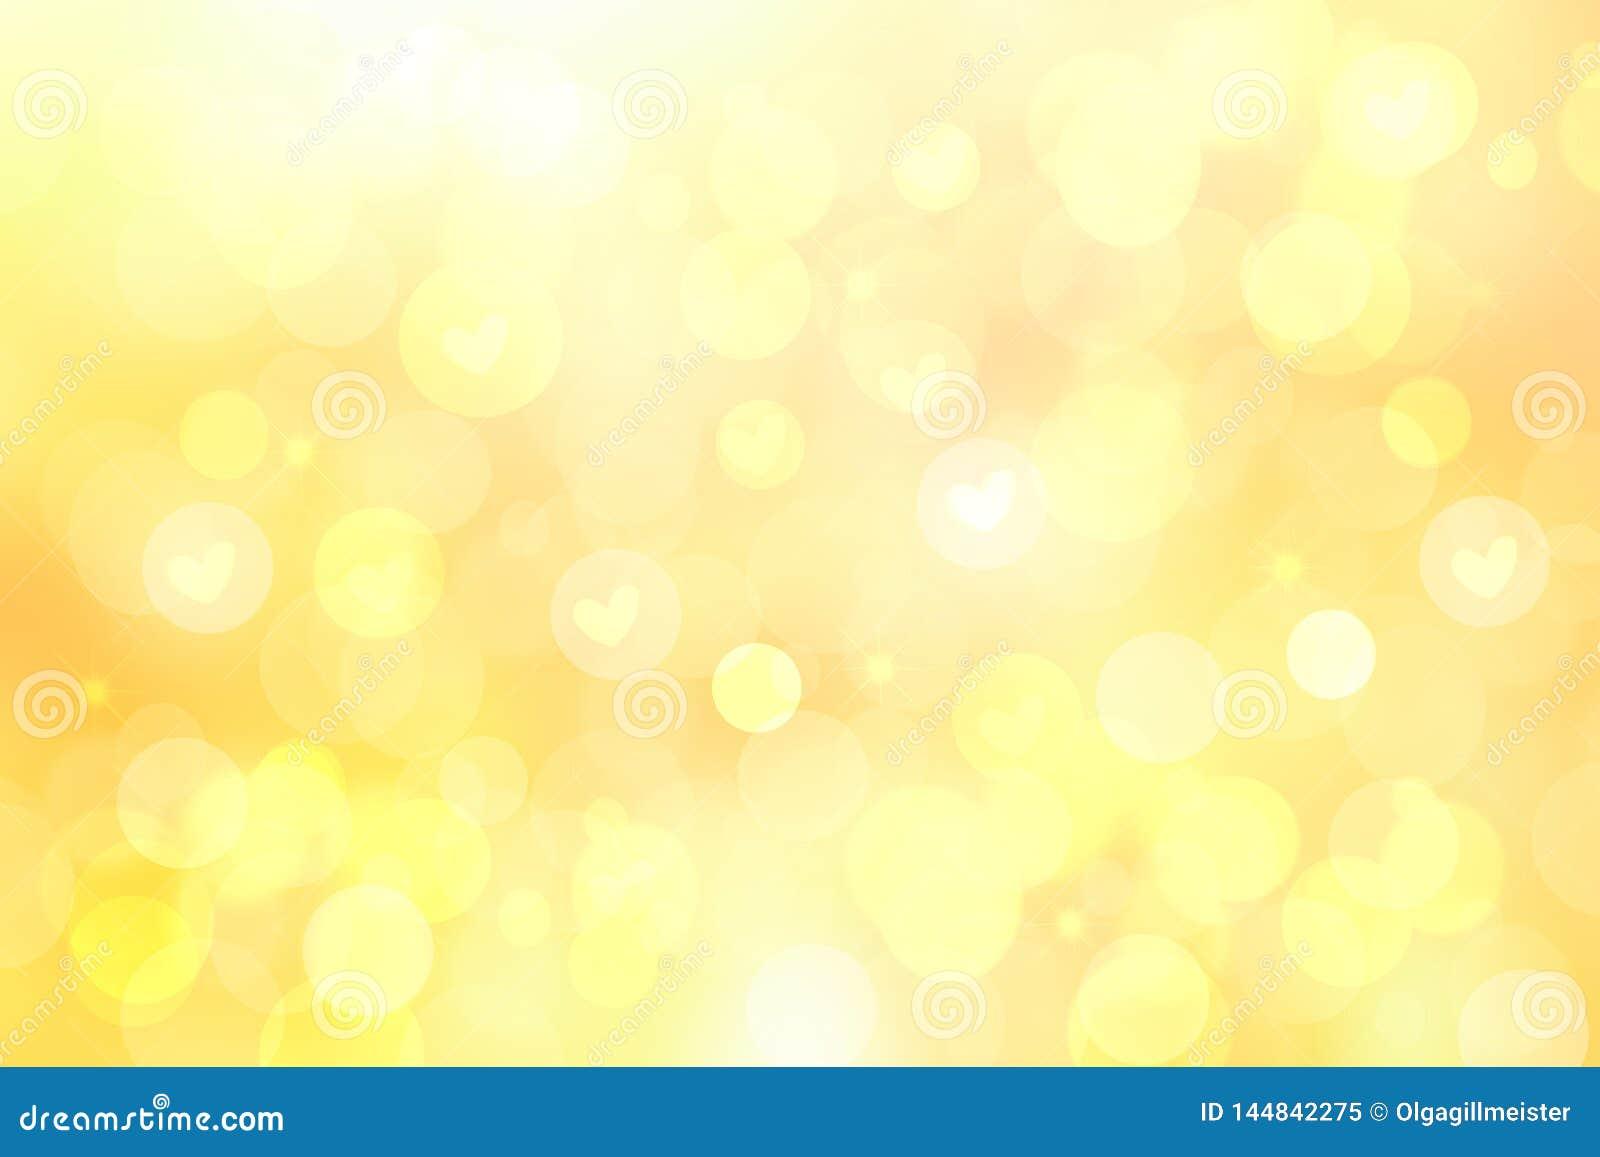 Το αφηρημένο εορταστικό υπόβαθρο κρητιδογραφιών θαμπάδων φωτεινό κίτρινο με τις κίτρινες καρδιές αγαπά bokeh για την ημέρα μητέρω